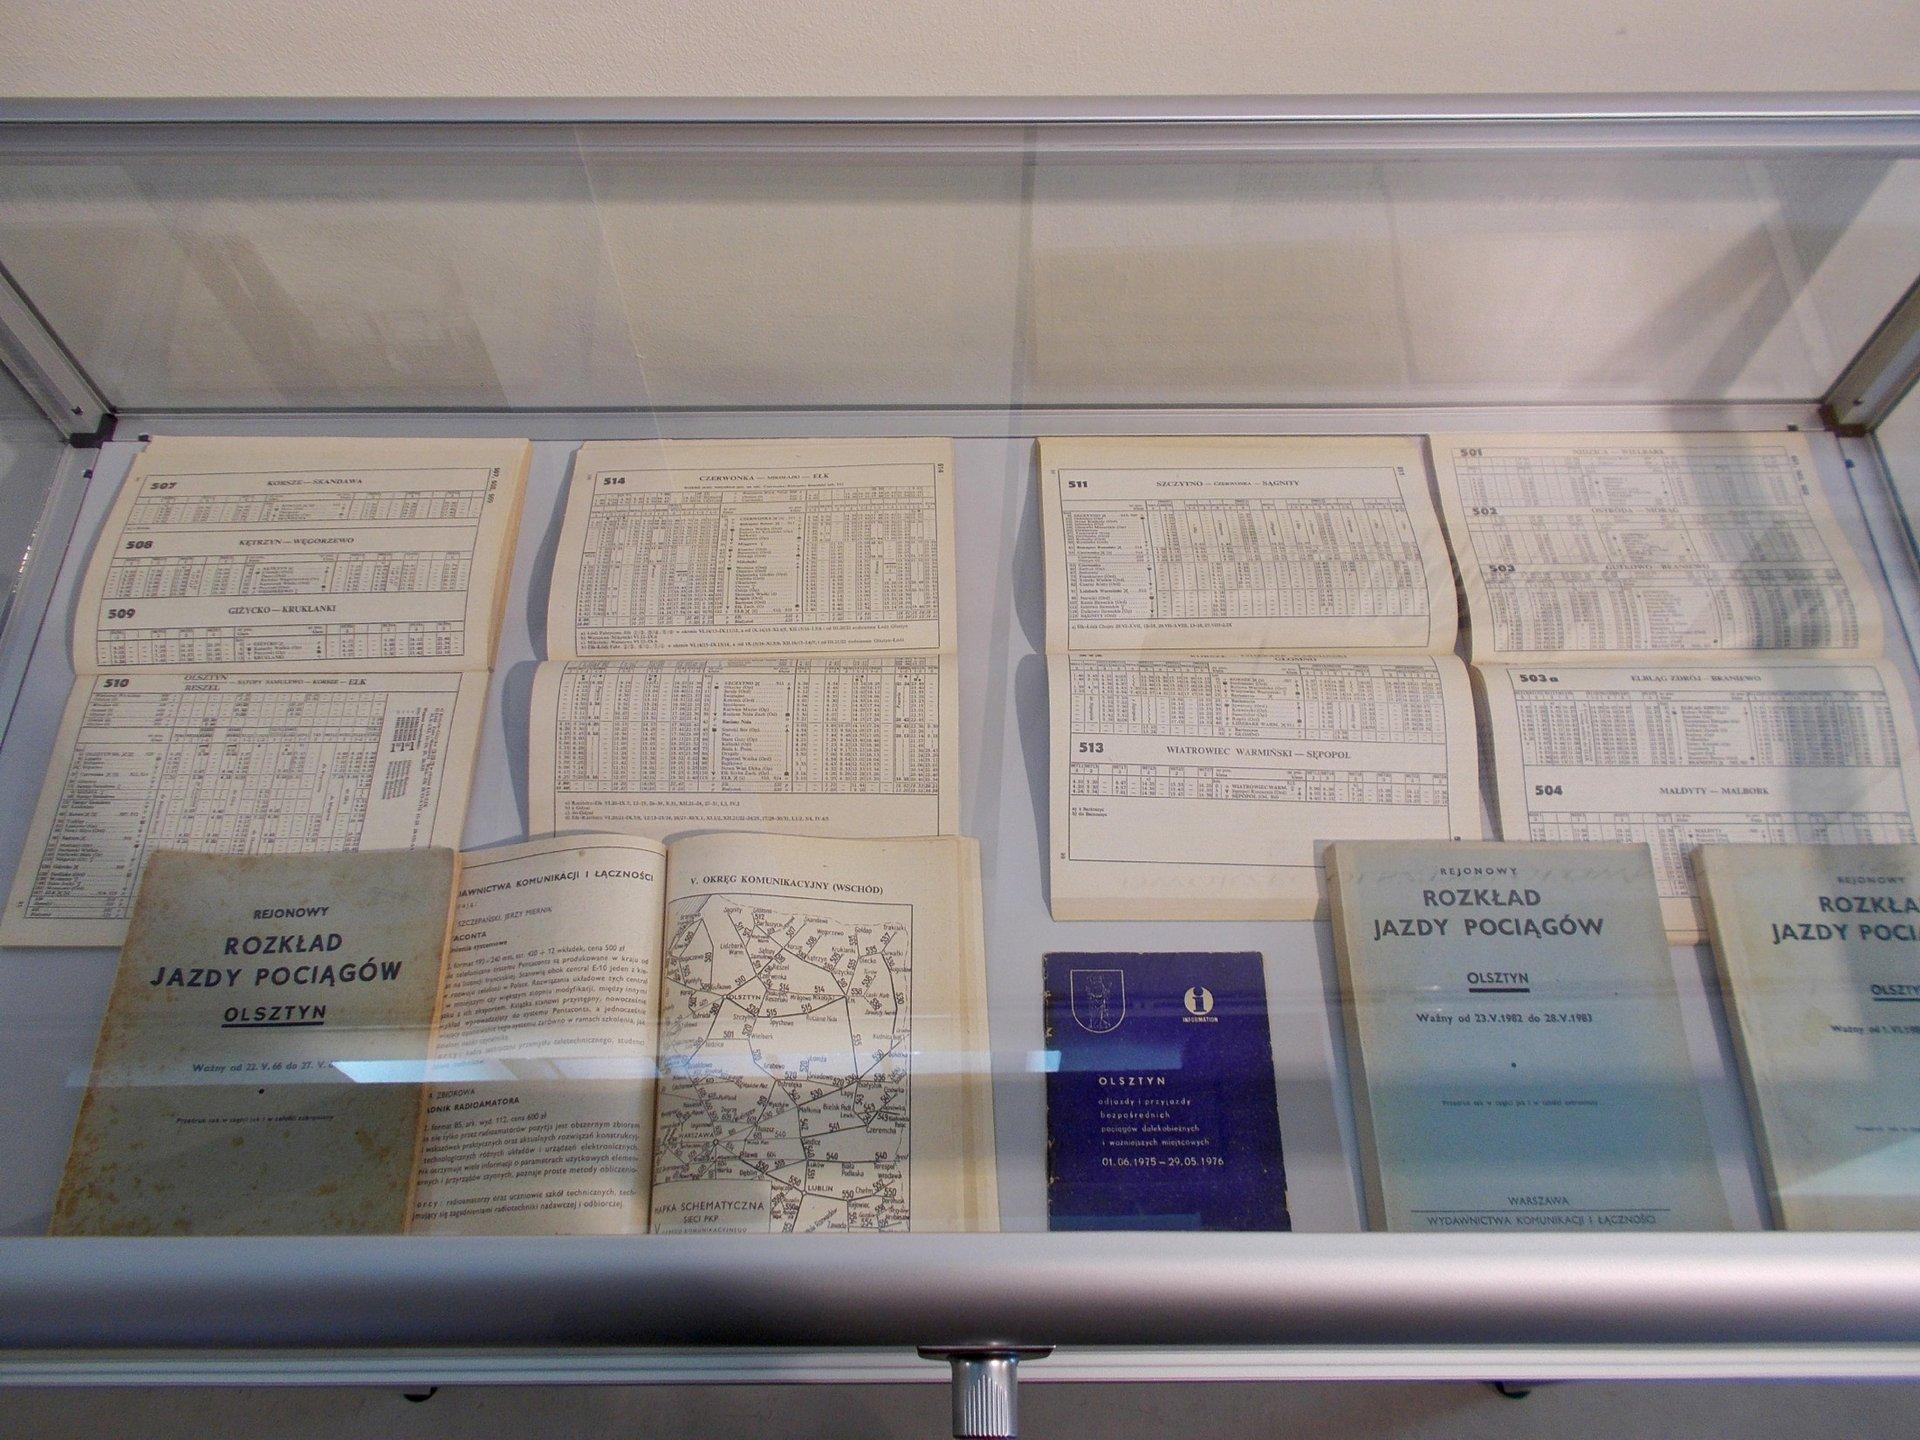 Muzeum Nowoczesności w Olsztynie - Komunikacja miejska - Rejonowe Rozkłady Jazdy Pociągów.jpg